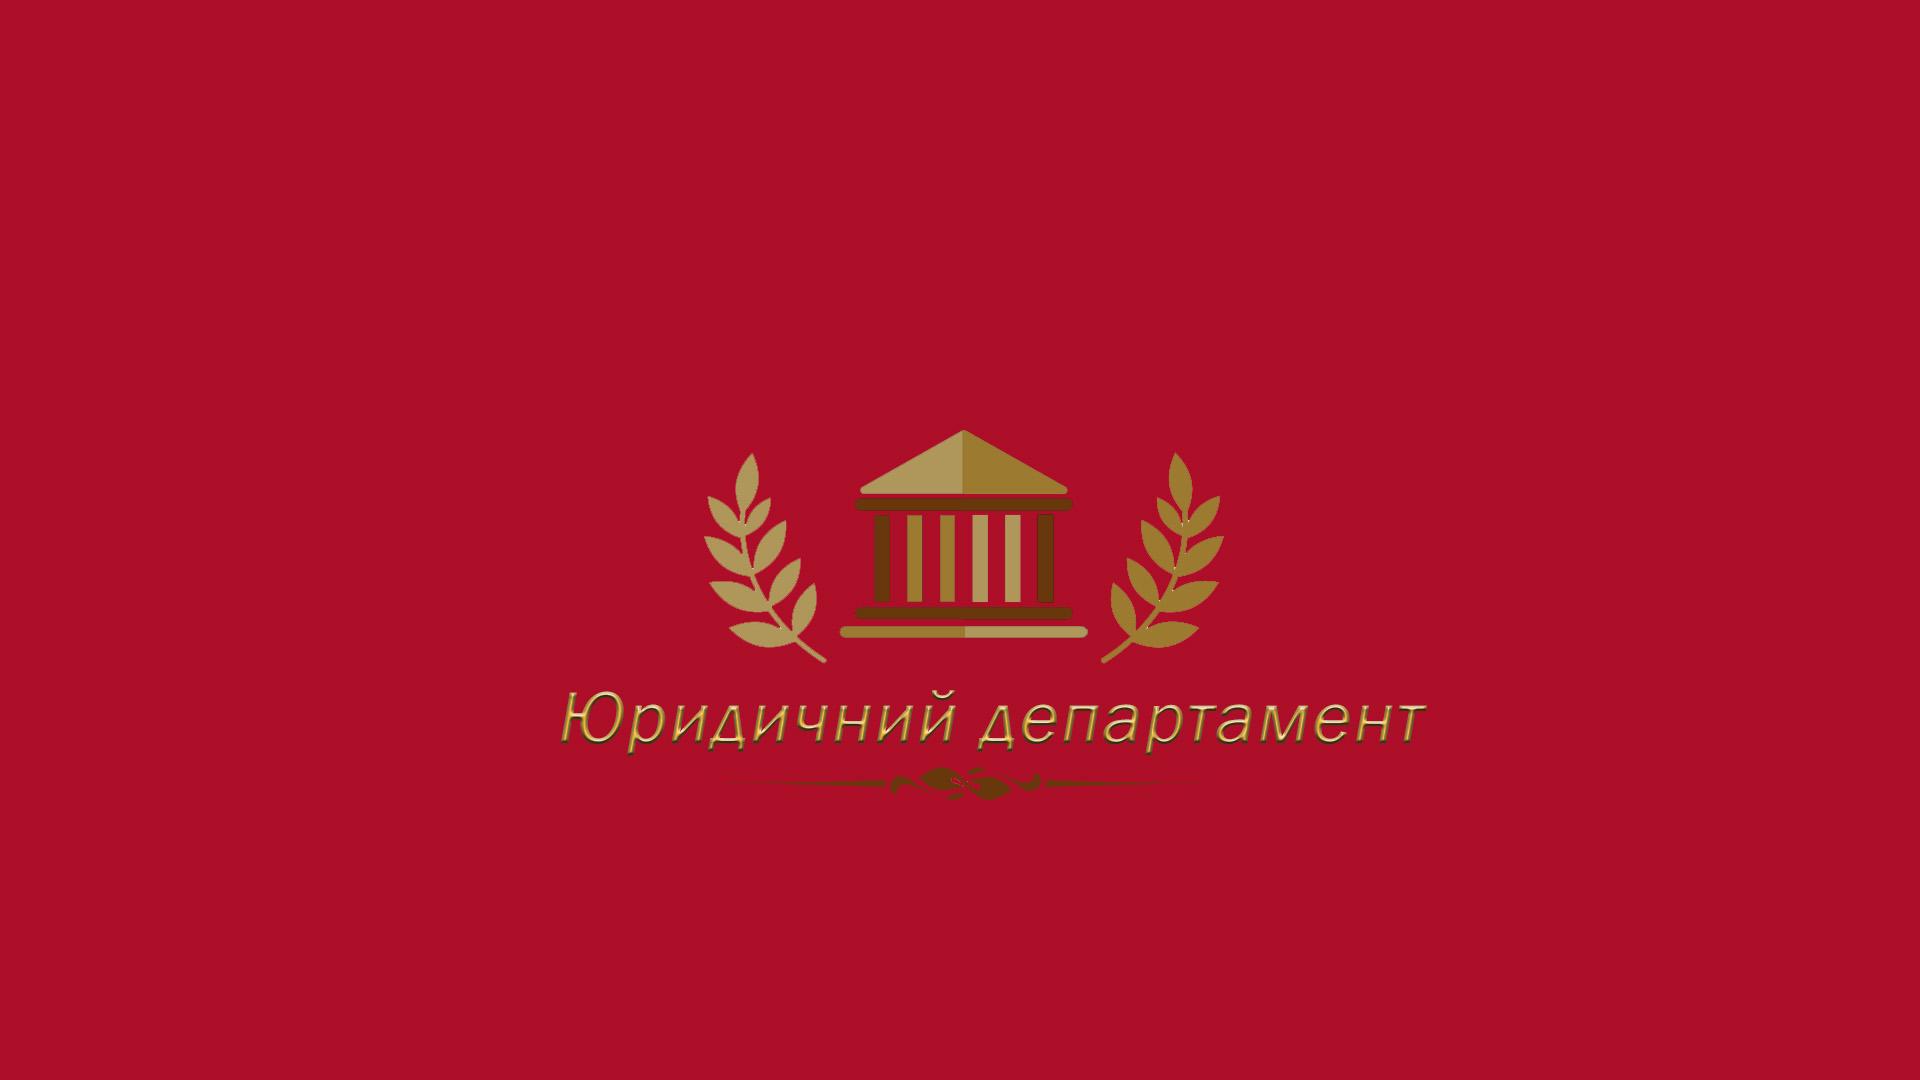 Юридичний департамент